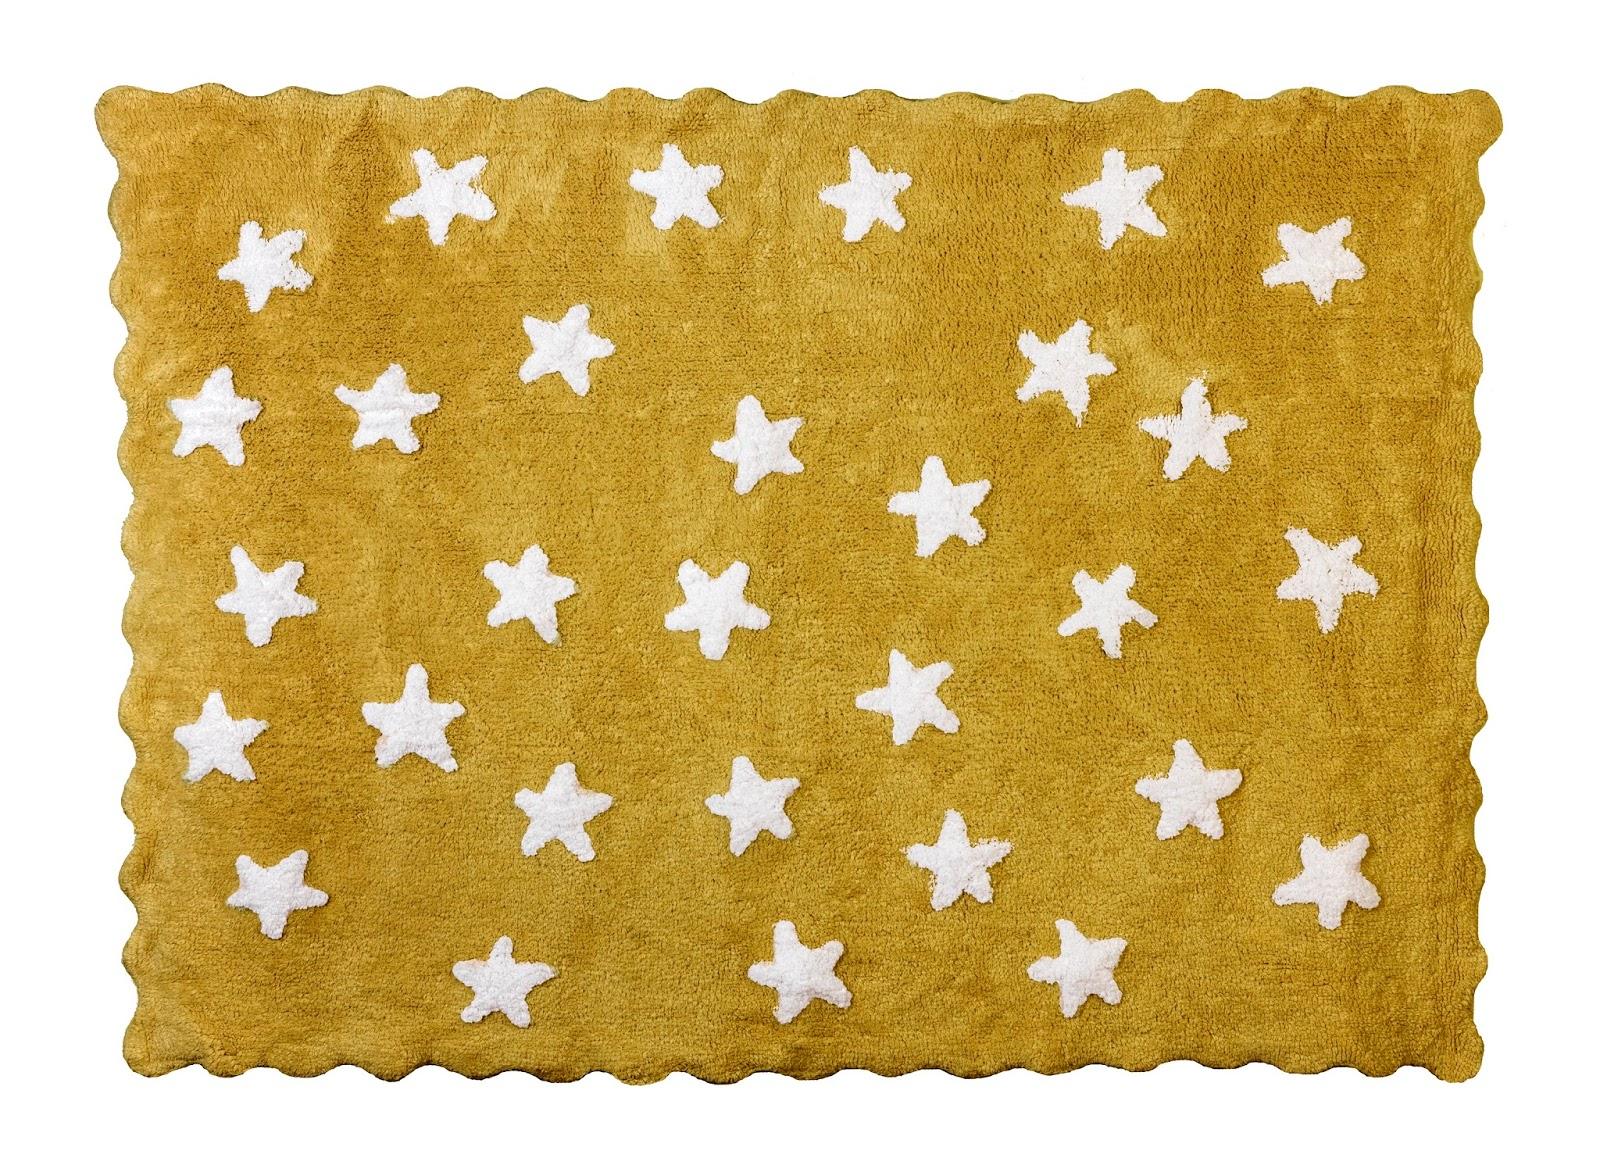 Hadas moda y decoracion infantil alfombras infantiles for Alfombras infantiles